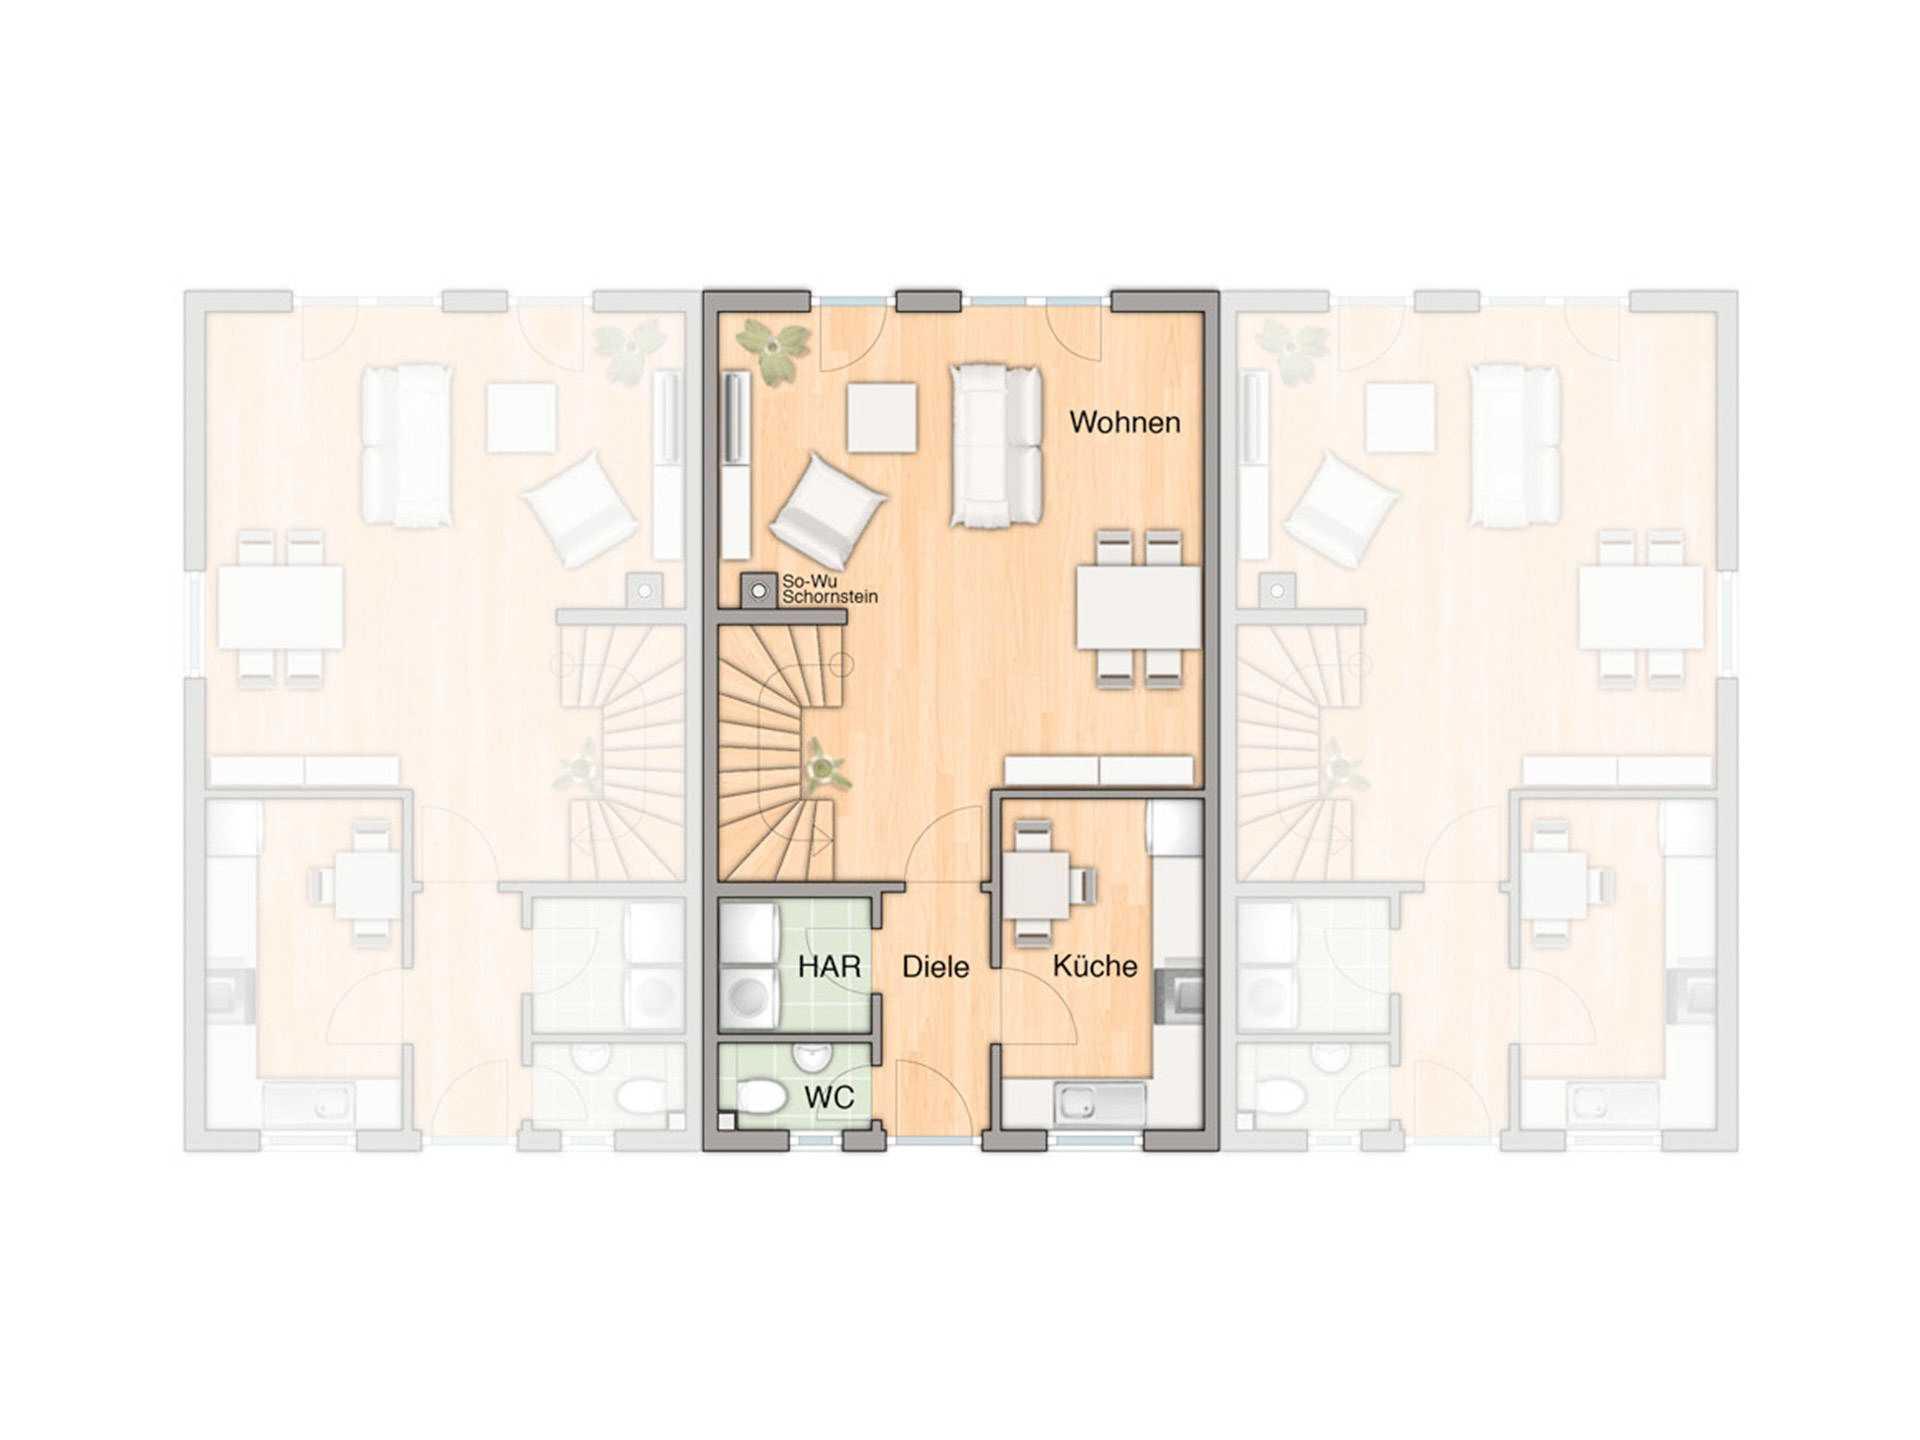 reihenhaus bauen hausbeispiele mit grundrissen infos. Black Bedroom Furniture Sets. Home Design Ideas